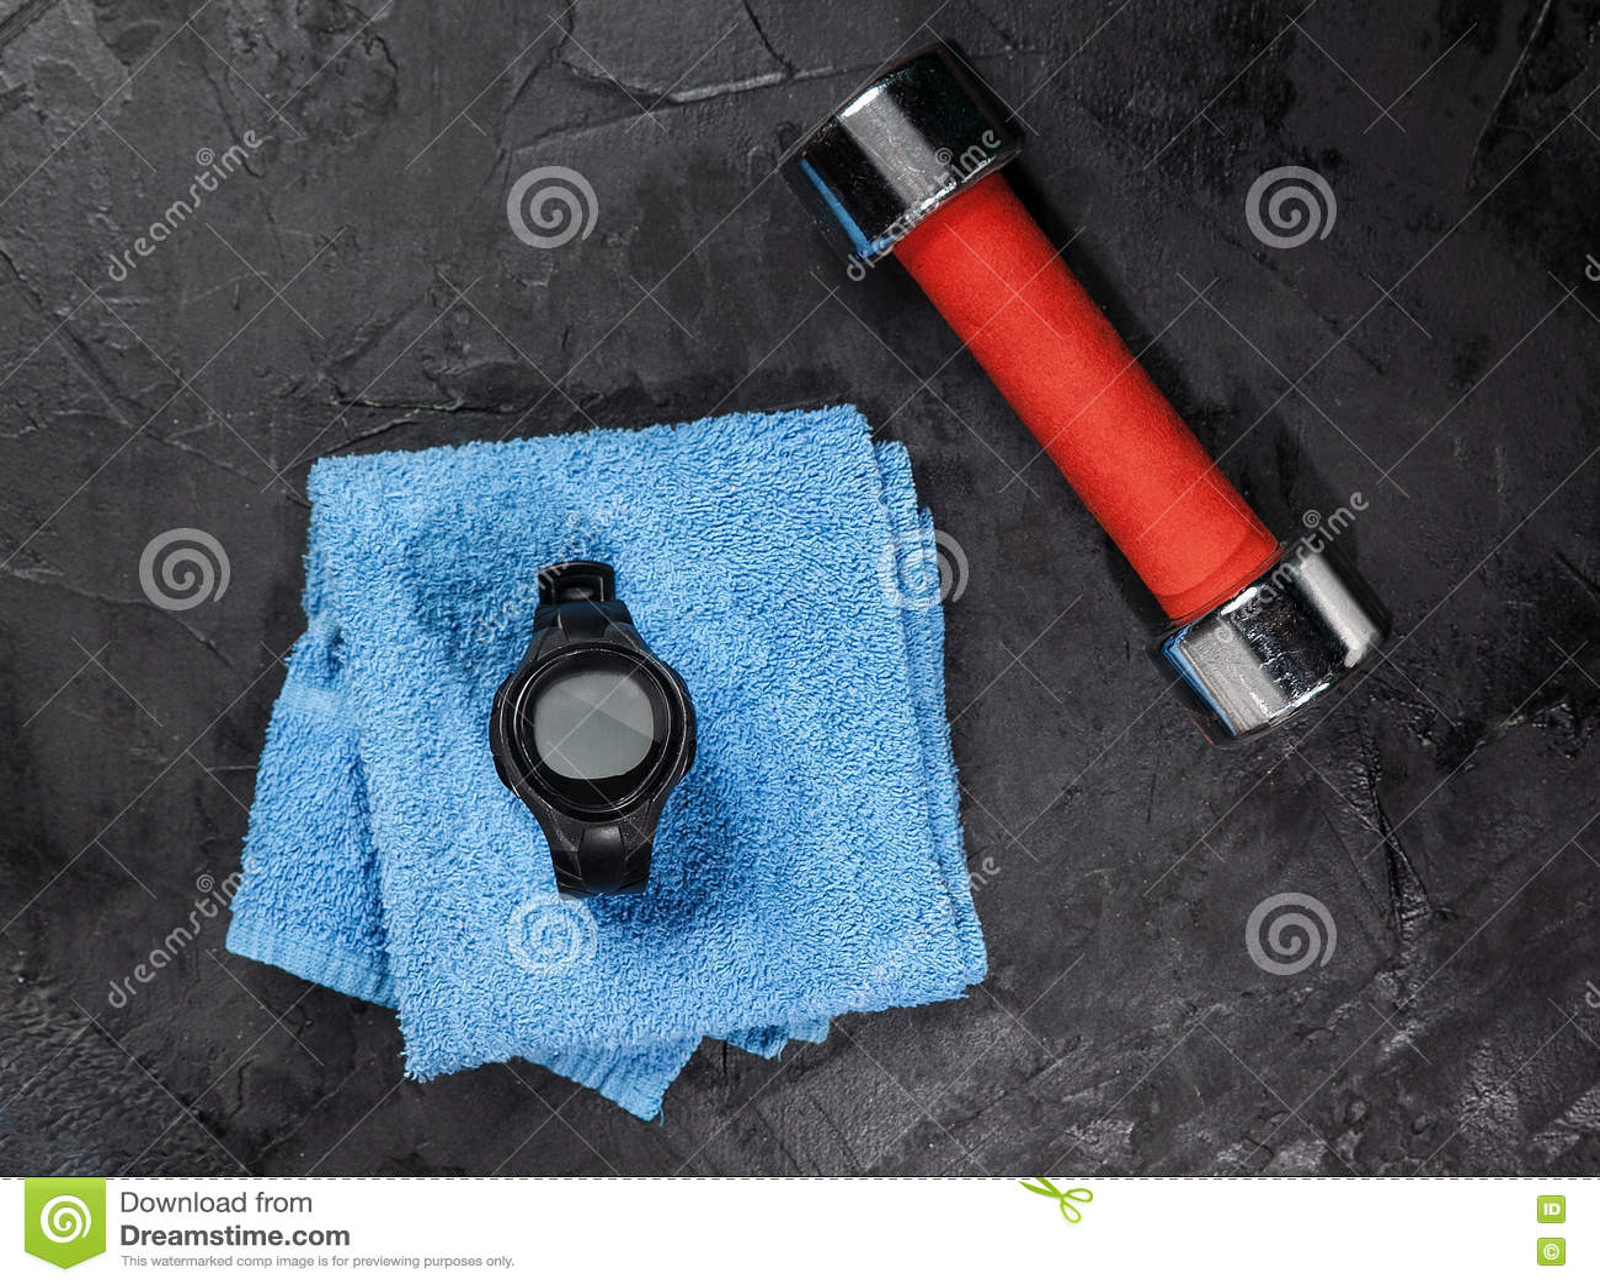 Cardiofrequenzimetro sull asciugamano blu vicino a pallone da calcio